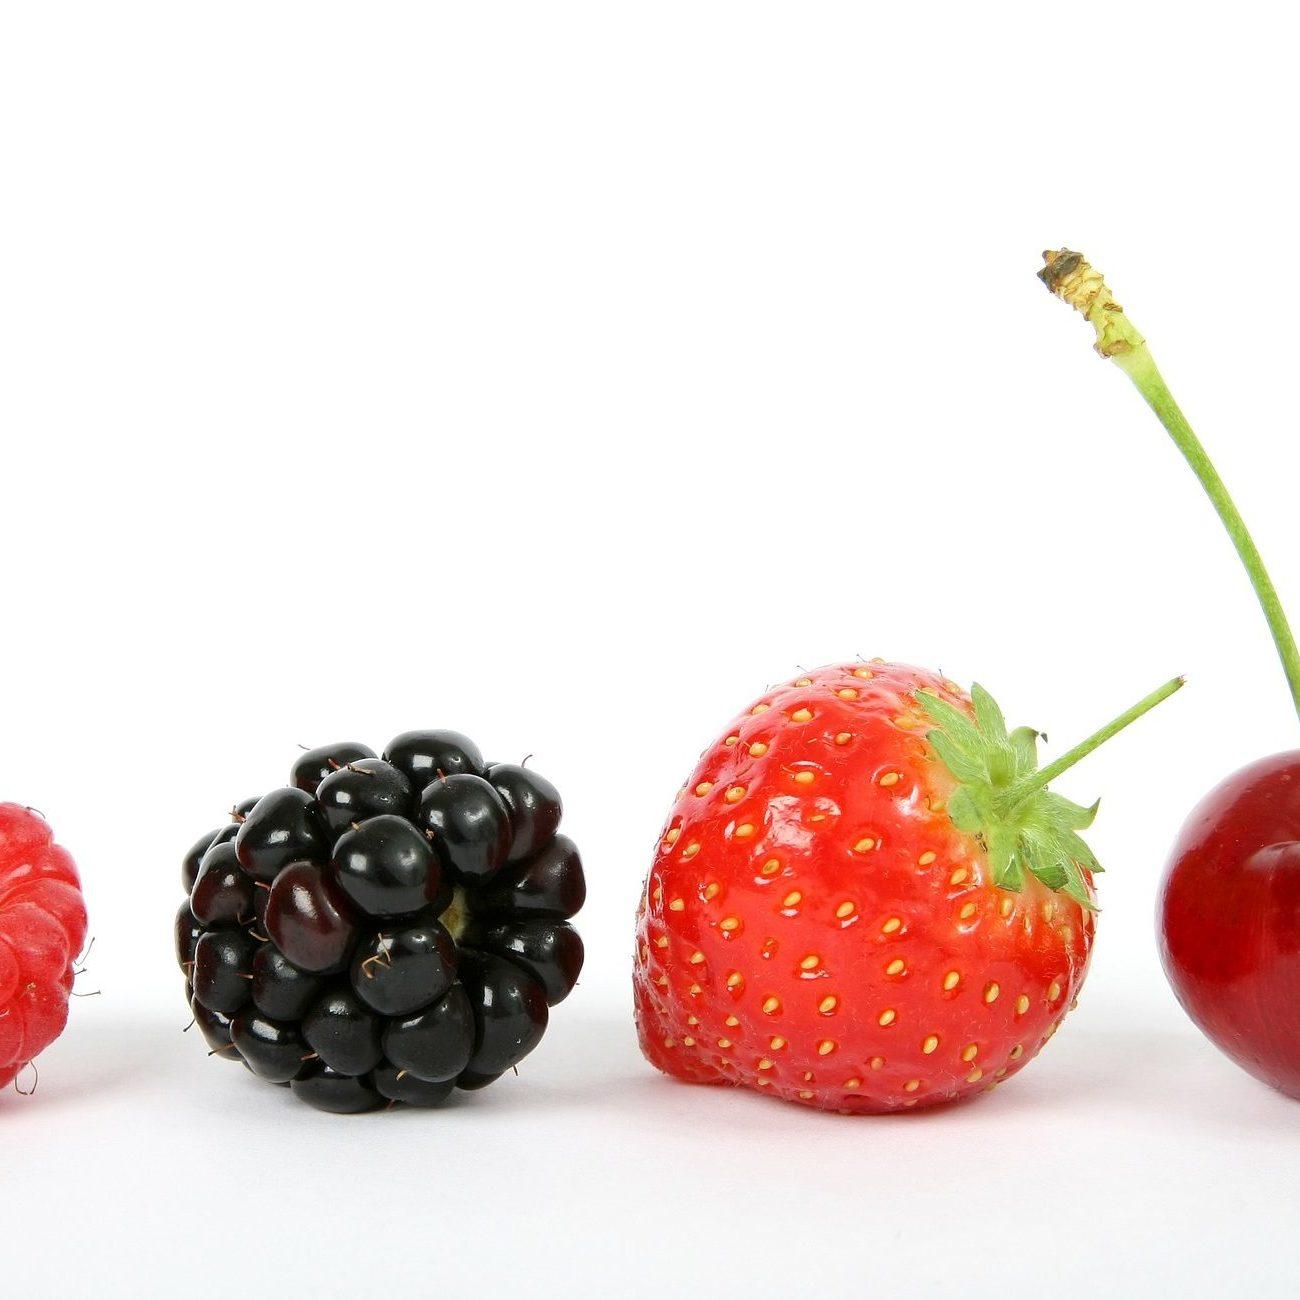 berry-1238249_1920